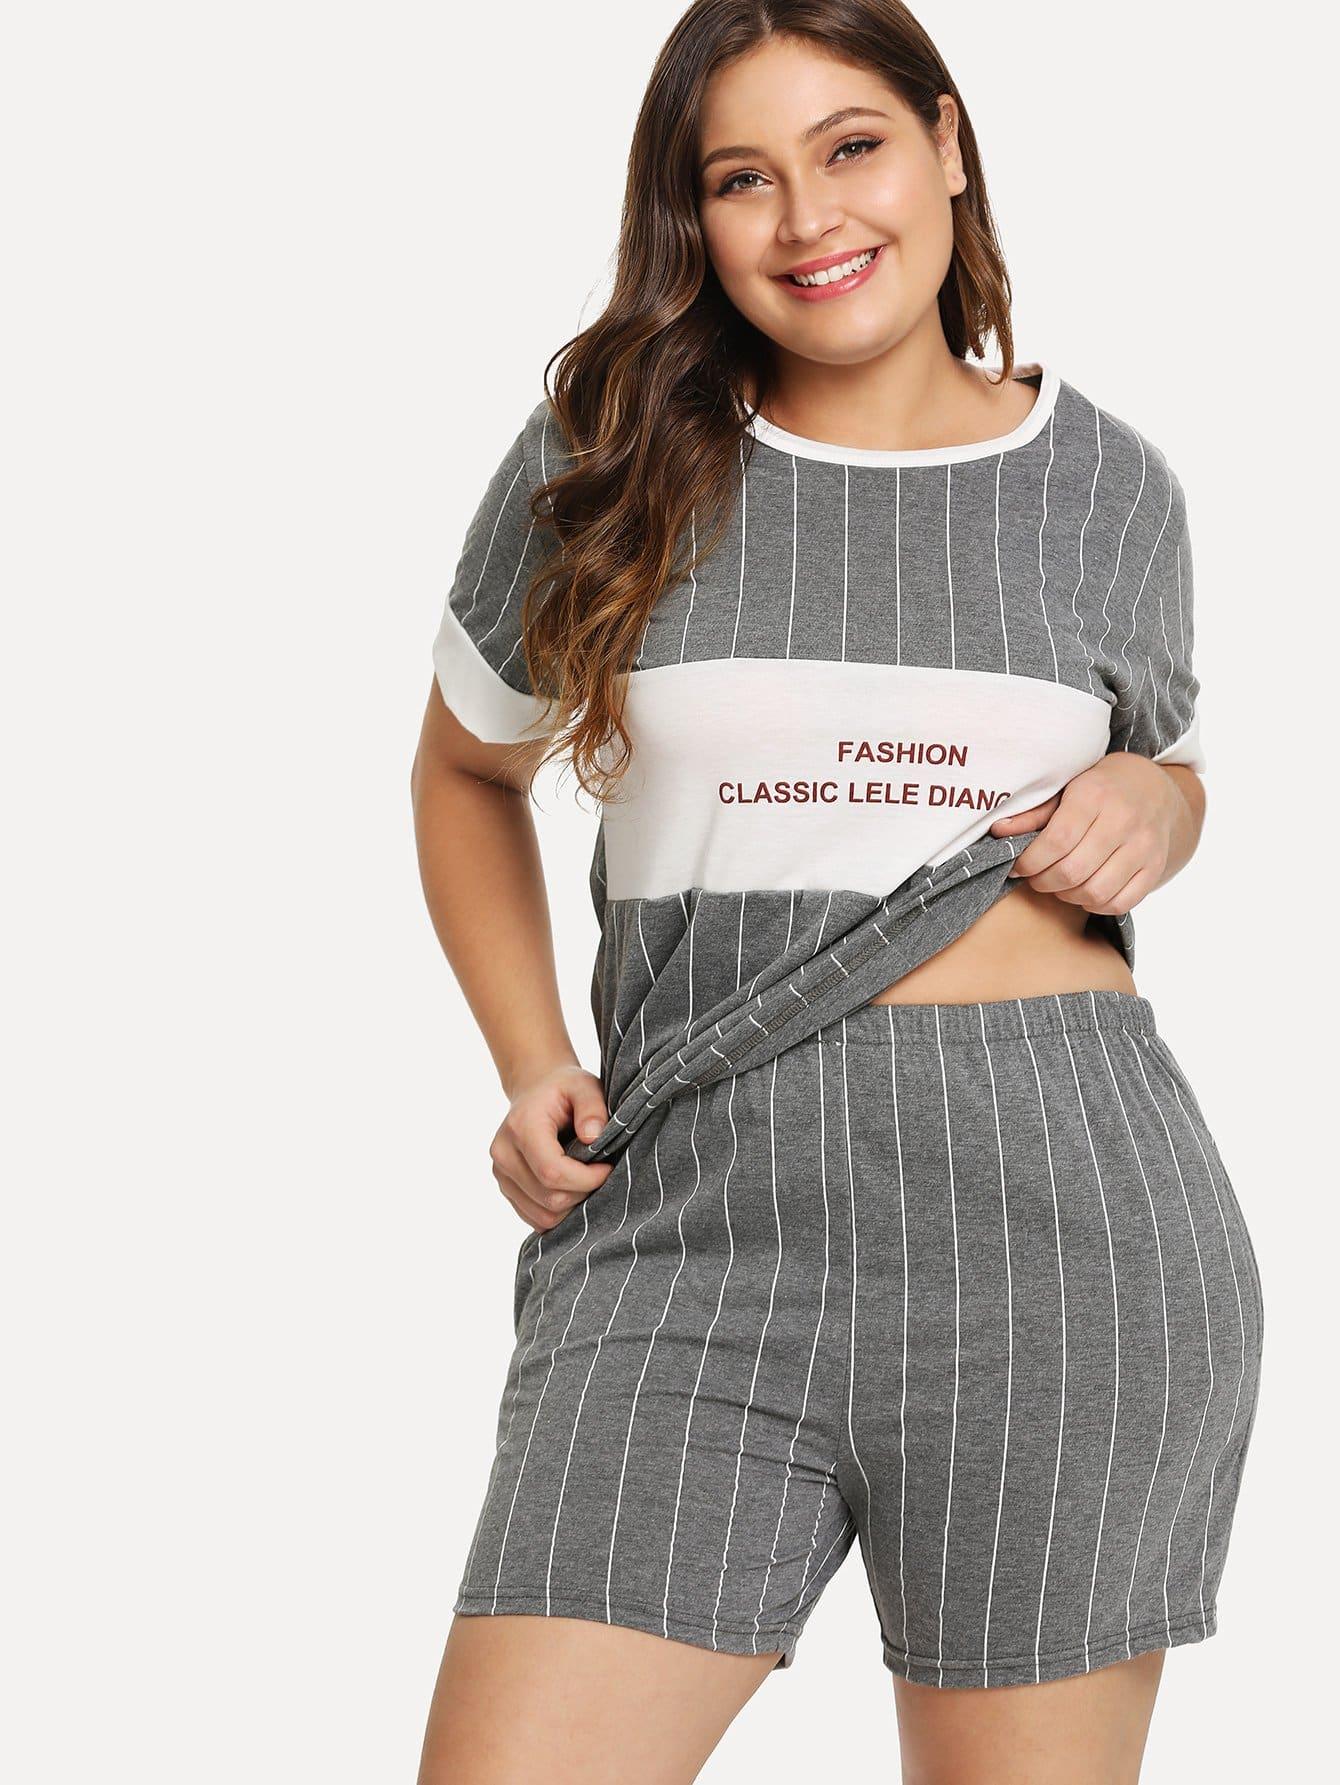 Купить Комплект пижамы топ с полосками и надписью и шорты, Carol, SheIn